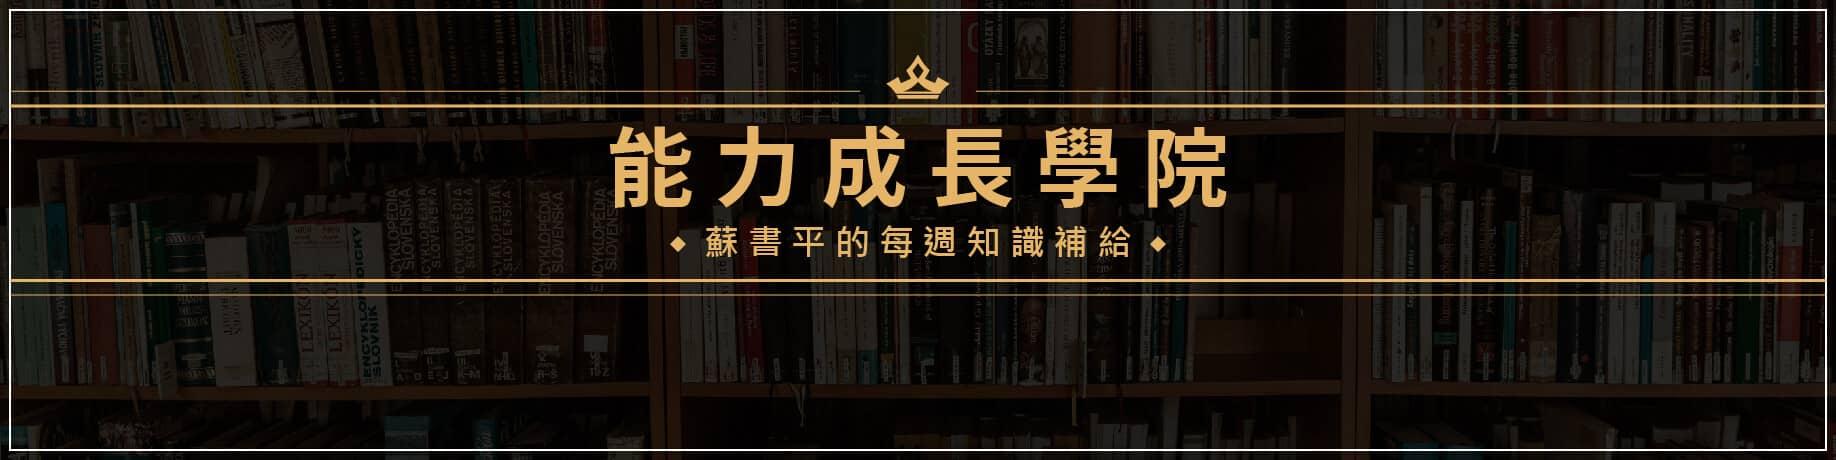 【能力成長學院】蘇書平的每週知識補給